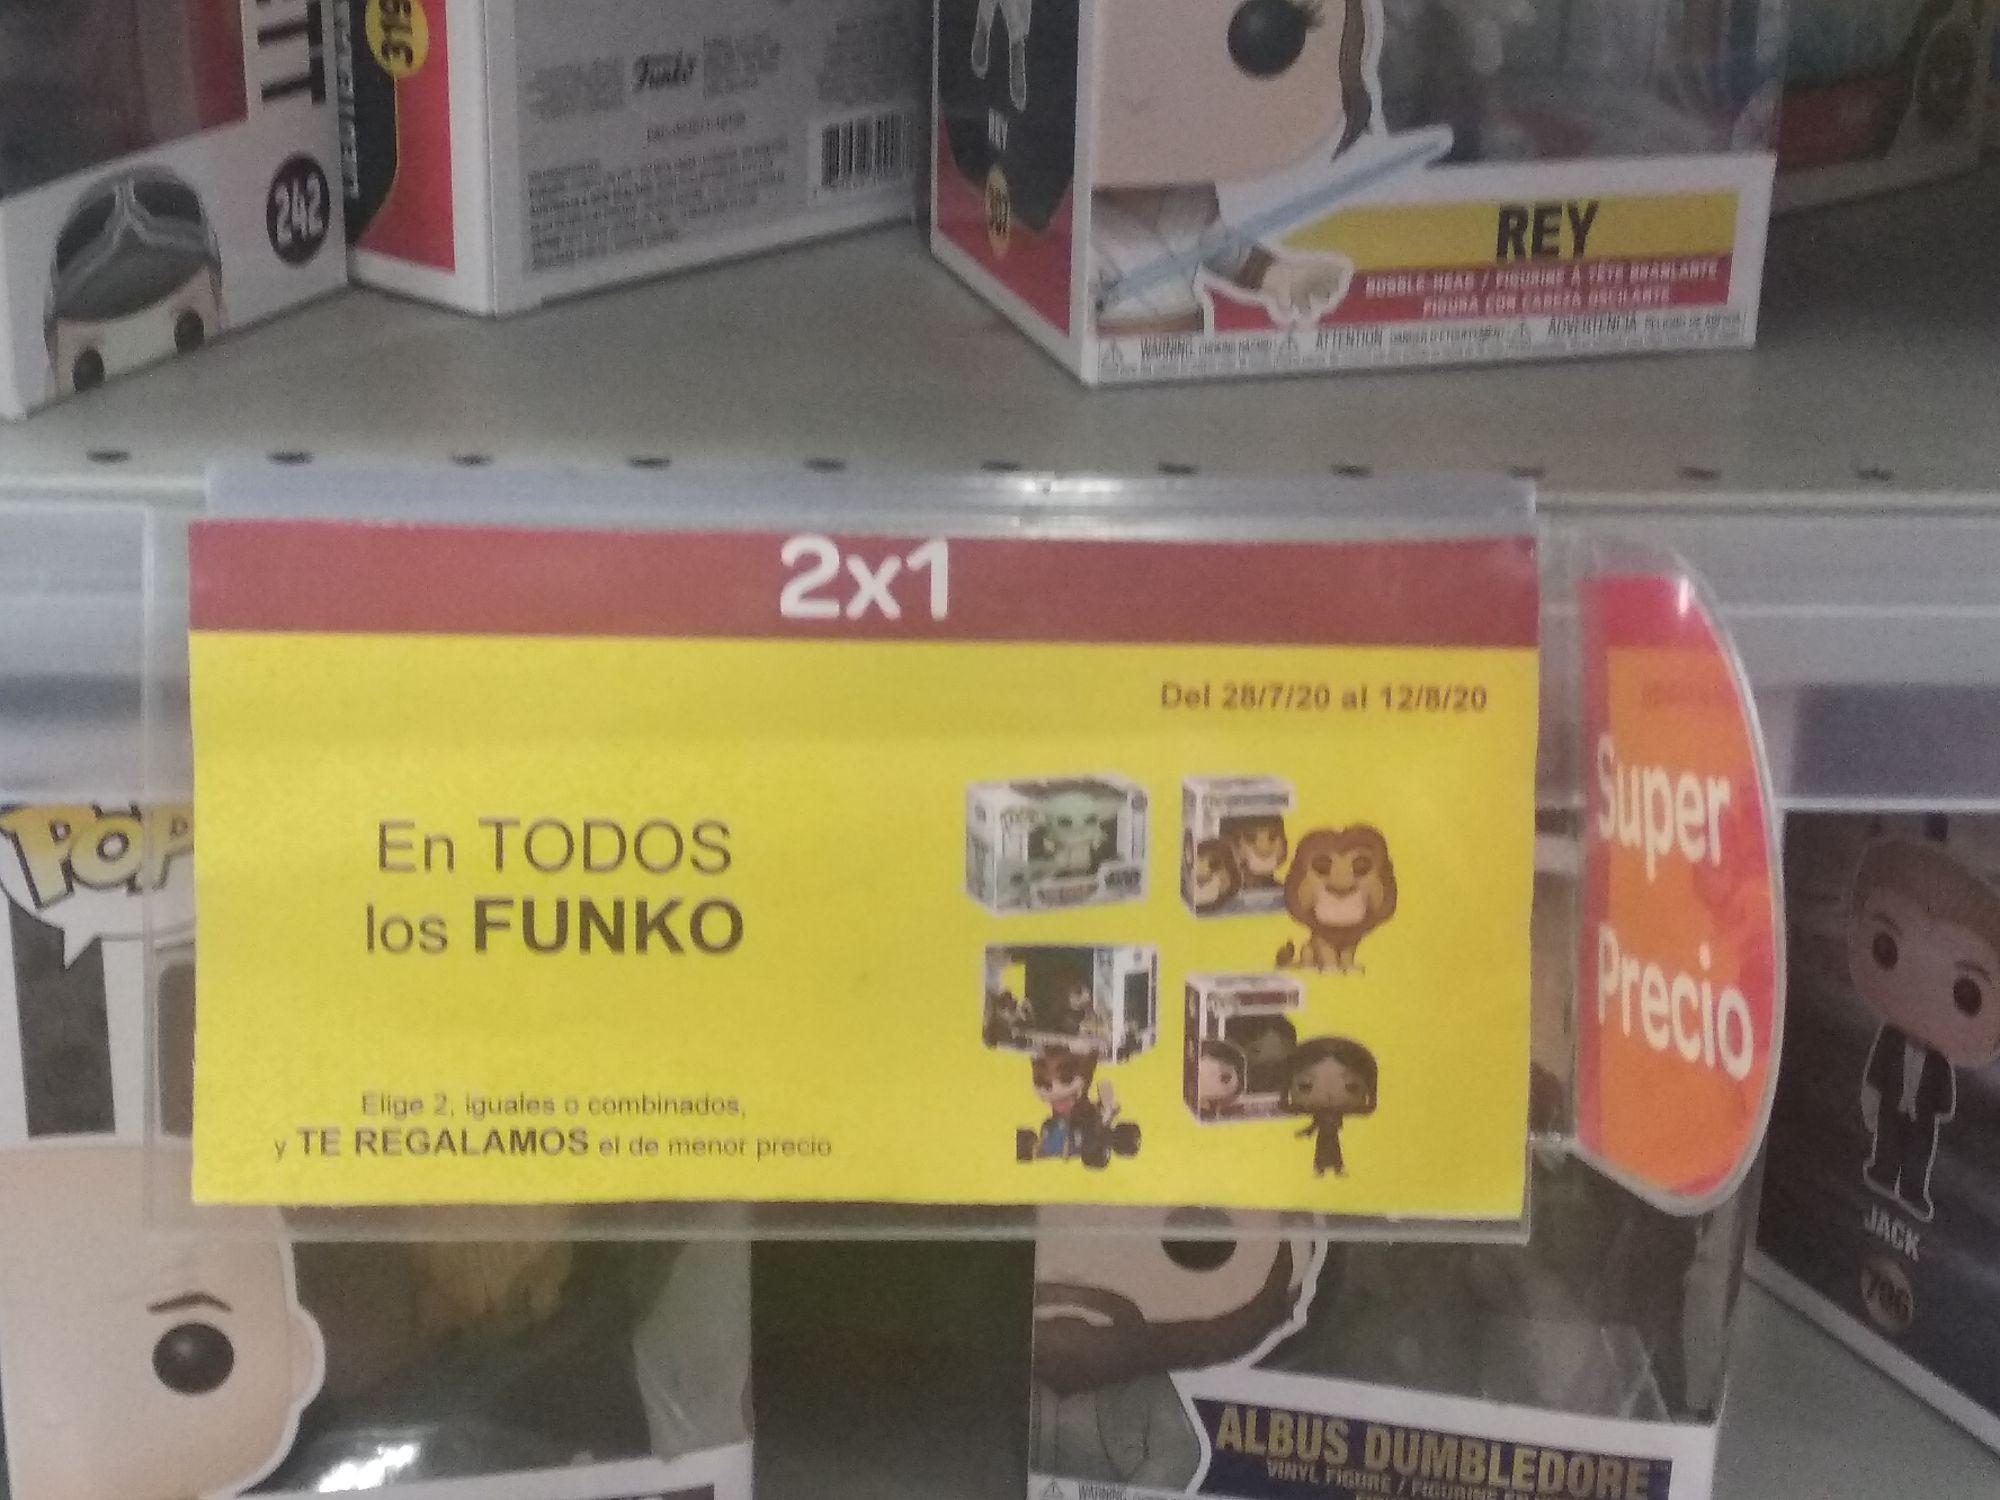 carrefour 2x1 en todos los funko en tienda física a nivel nacional